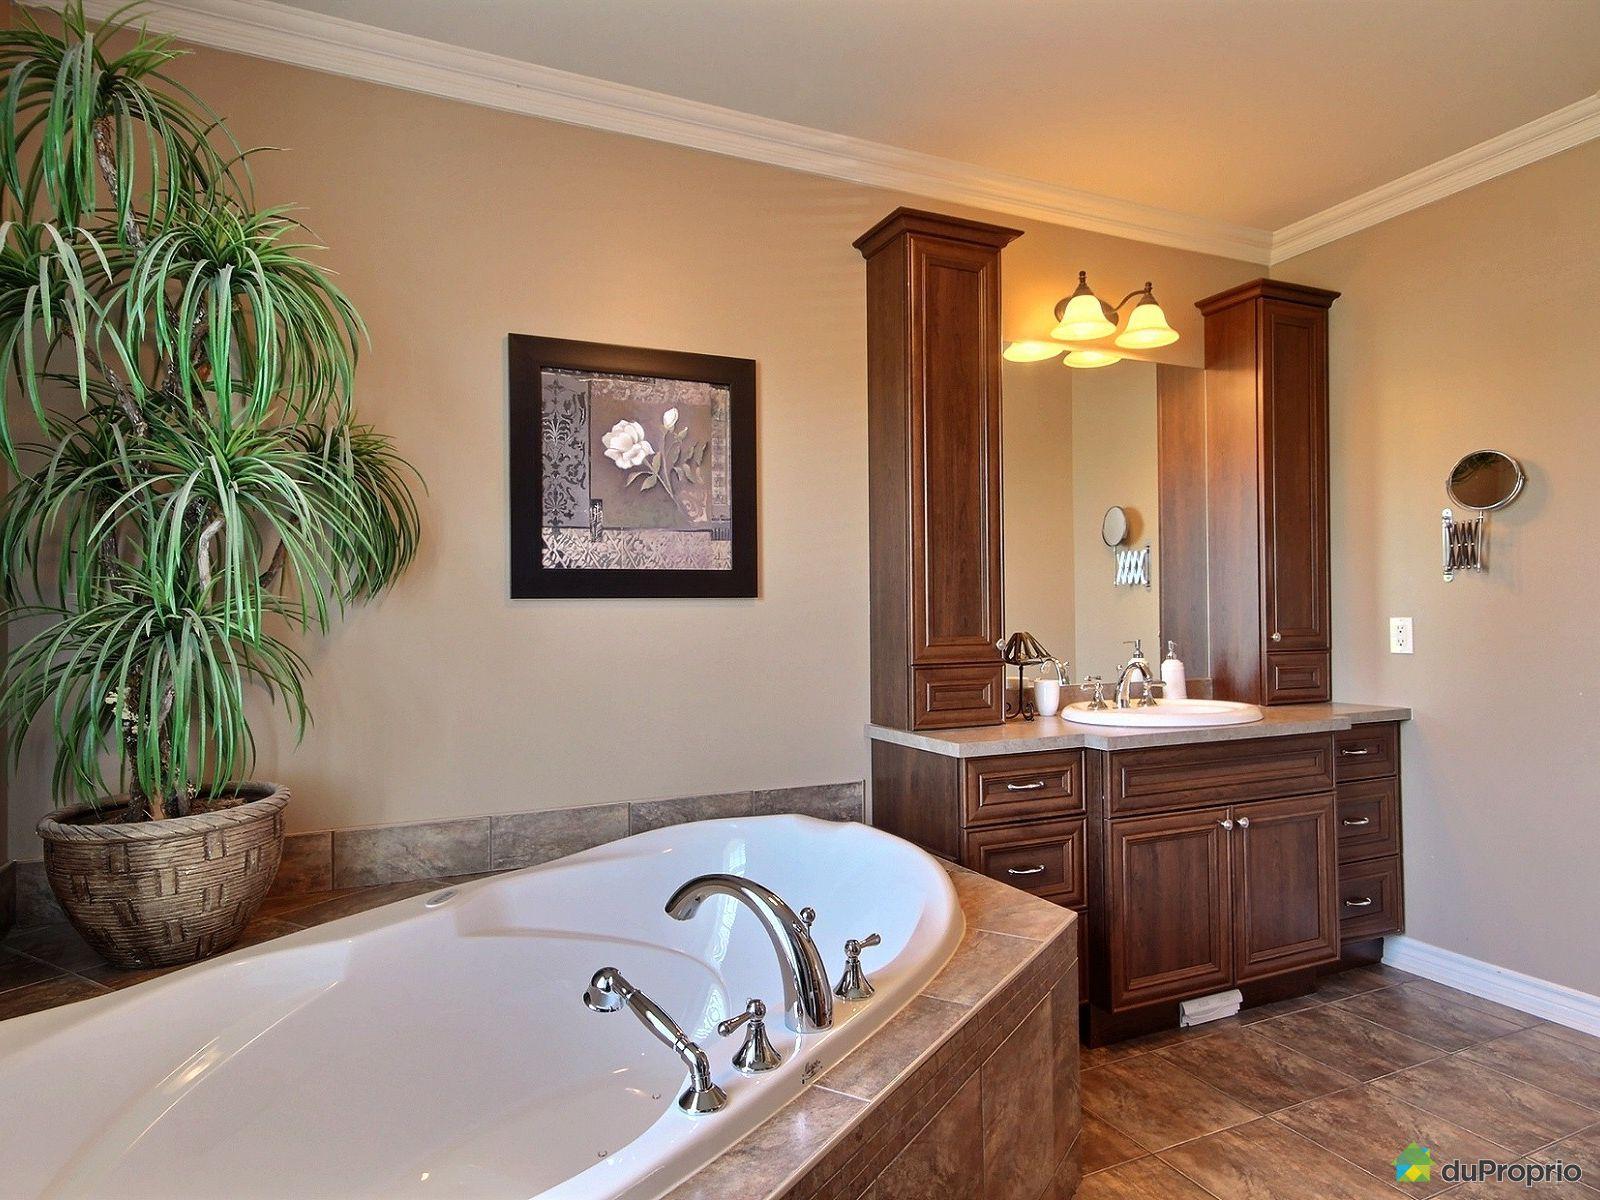 Maison vendre st j r me 993 rue des manoirs immobilier for Accessoire salle de bain st jerome